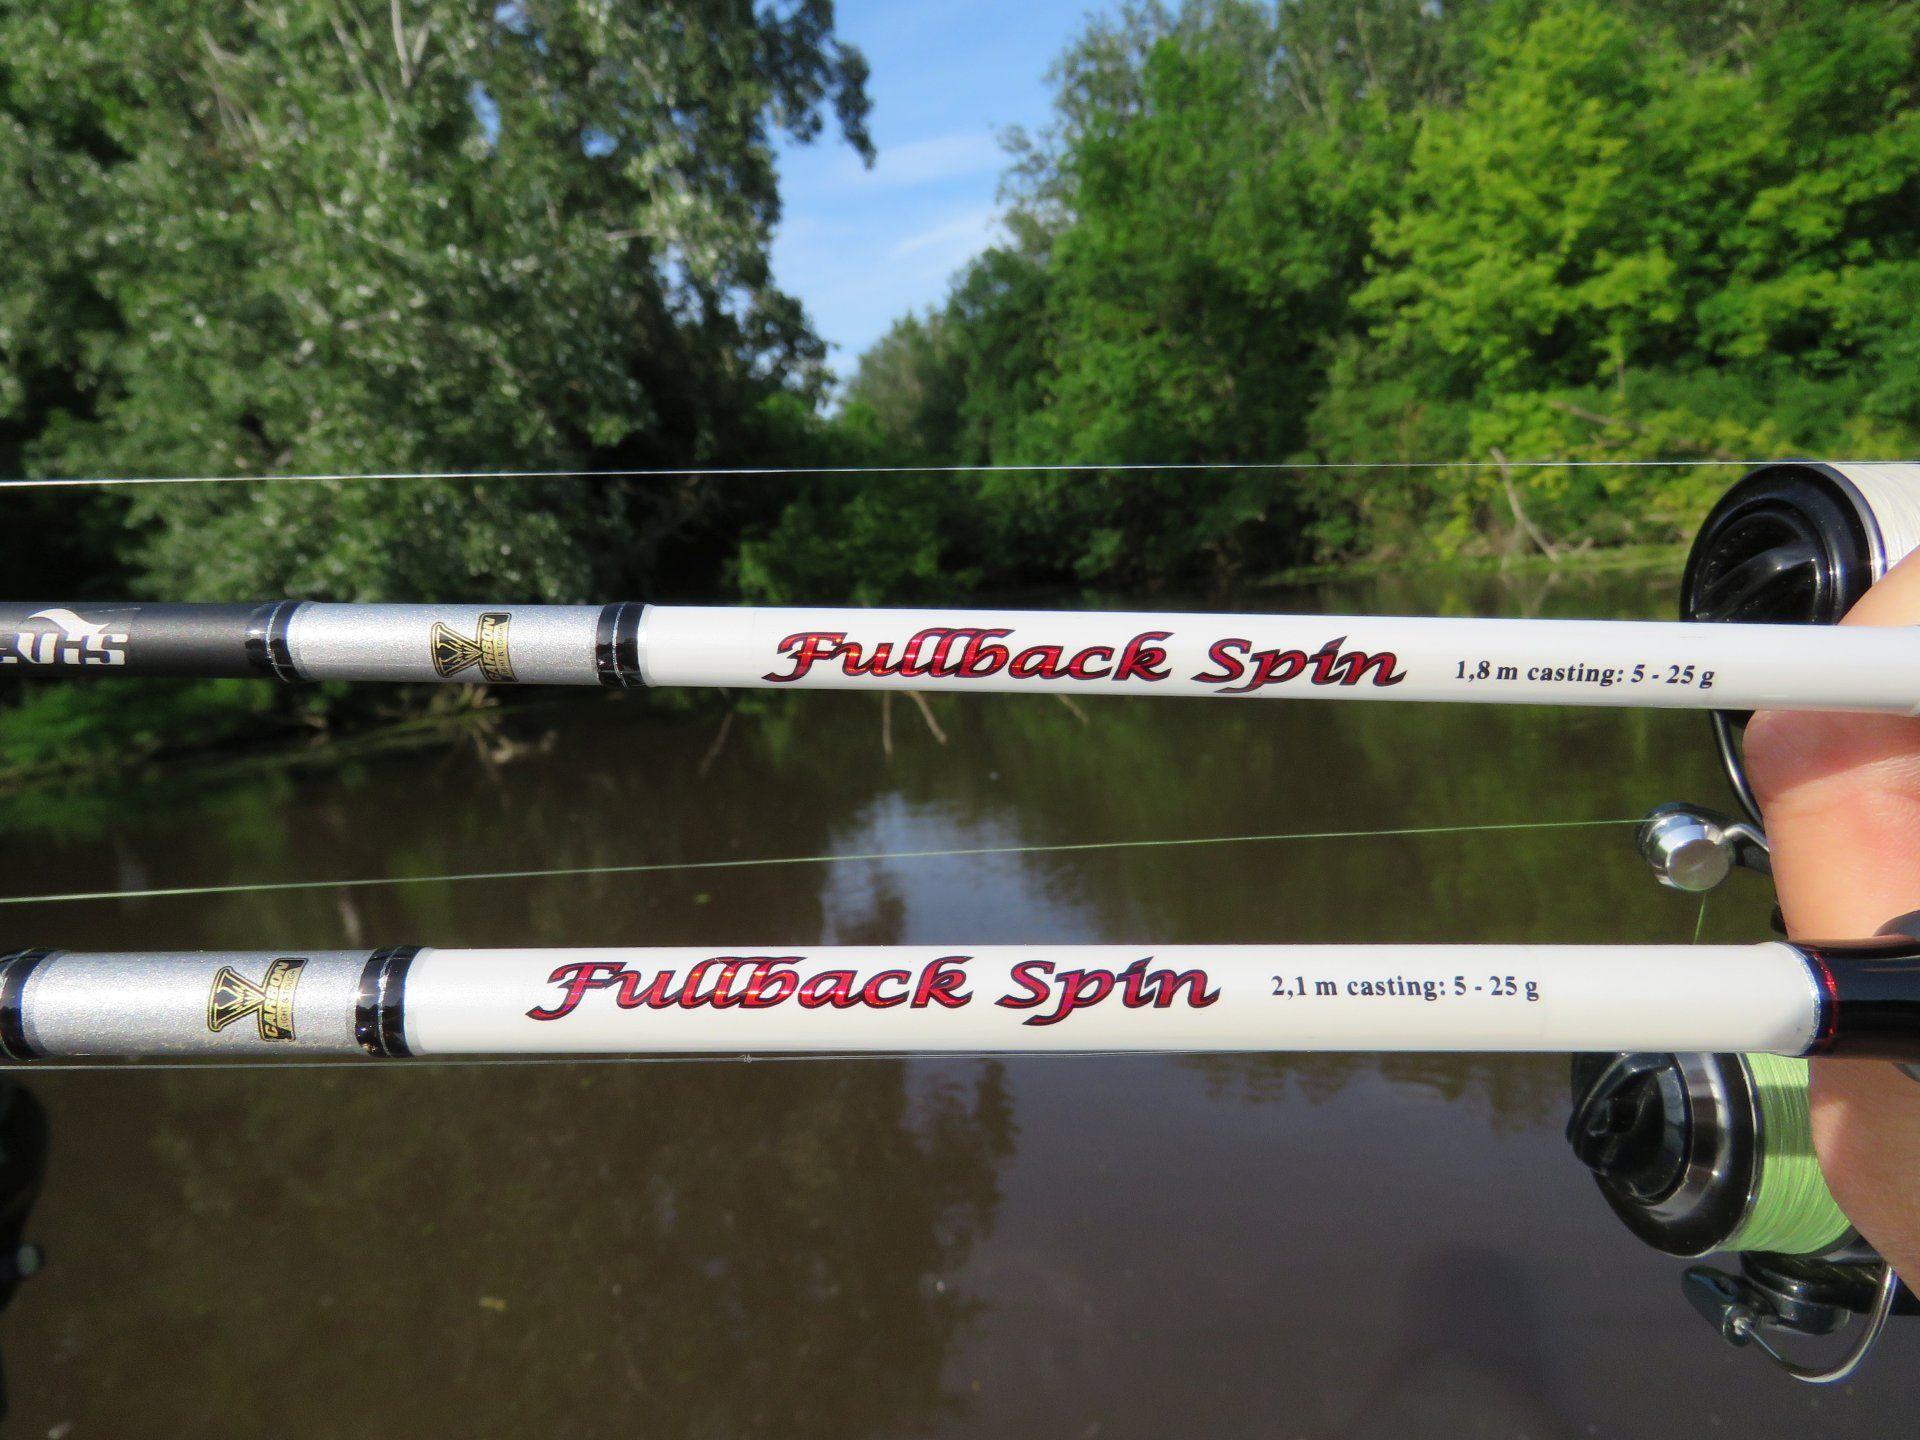 A nyári balinozások alkalmával már bizonyított Fullback Spin botokat nagyon megszerettem